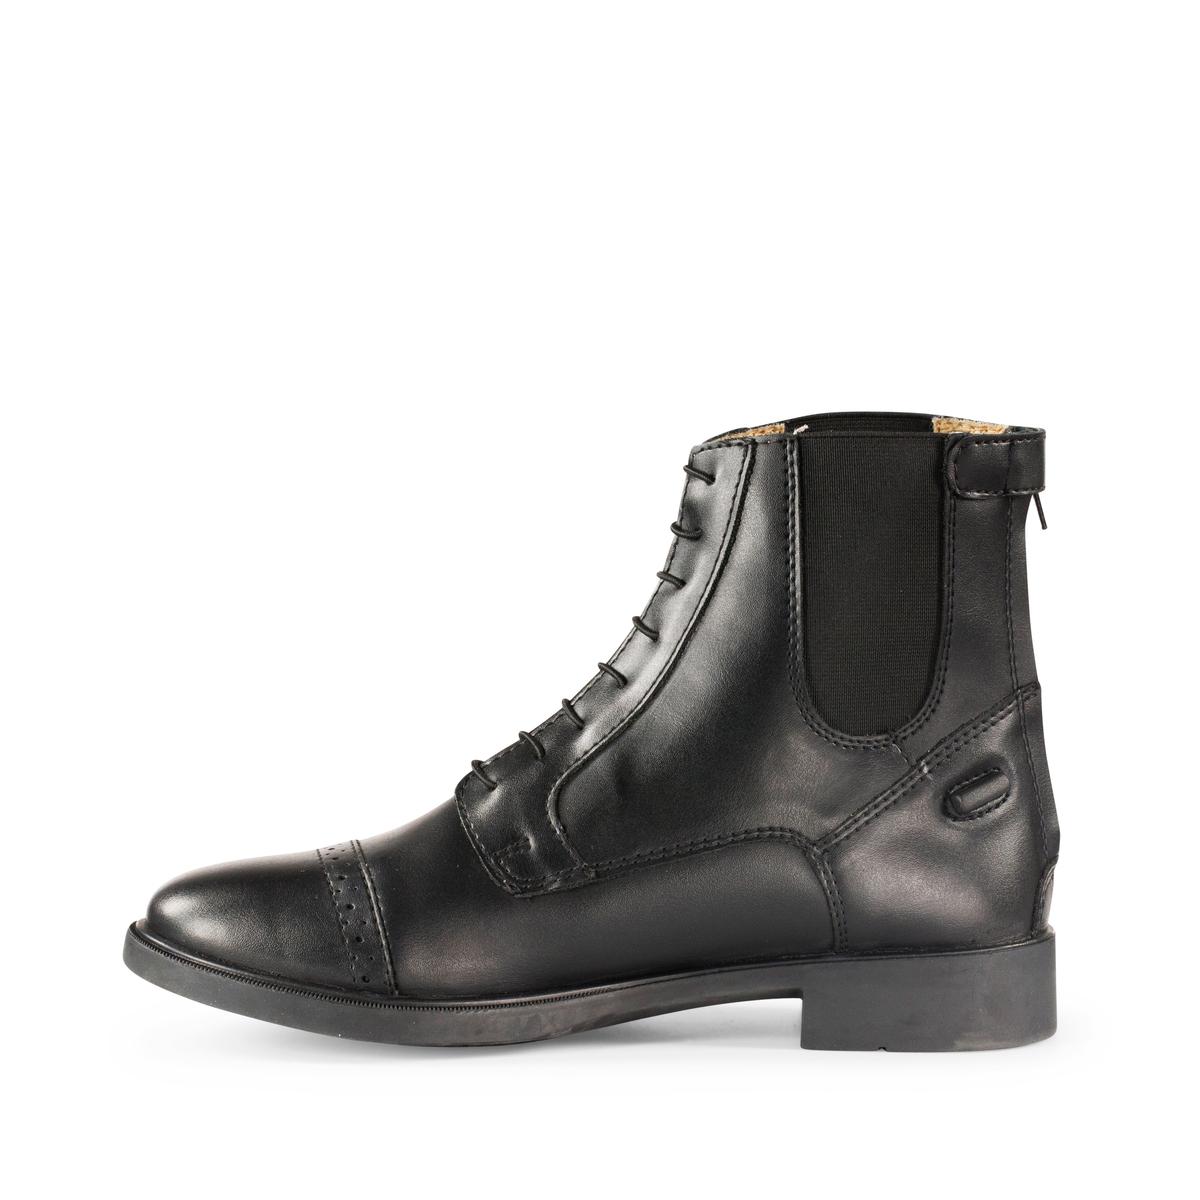 Horze Kilkenny Paddock Boots | Horze